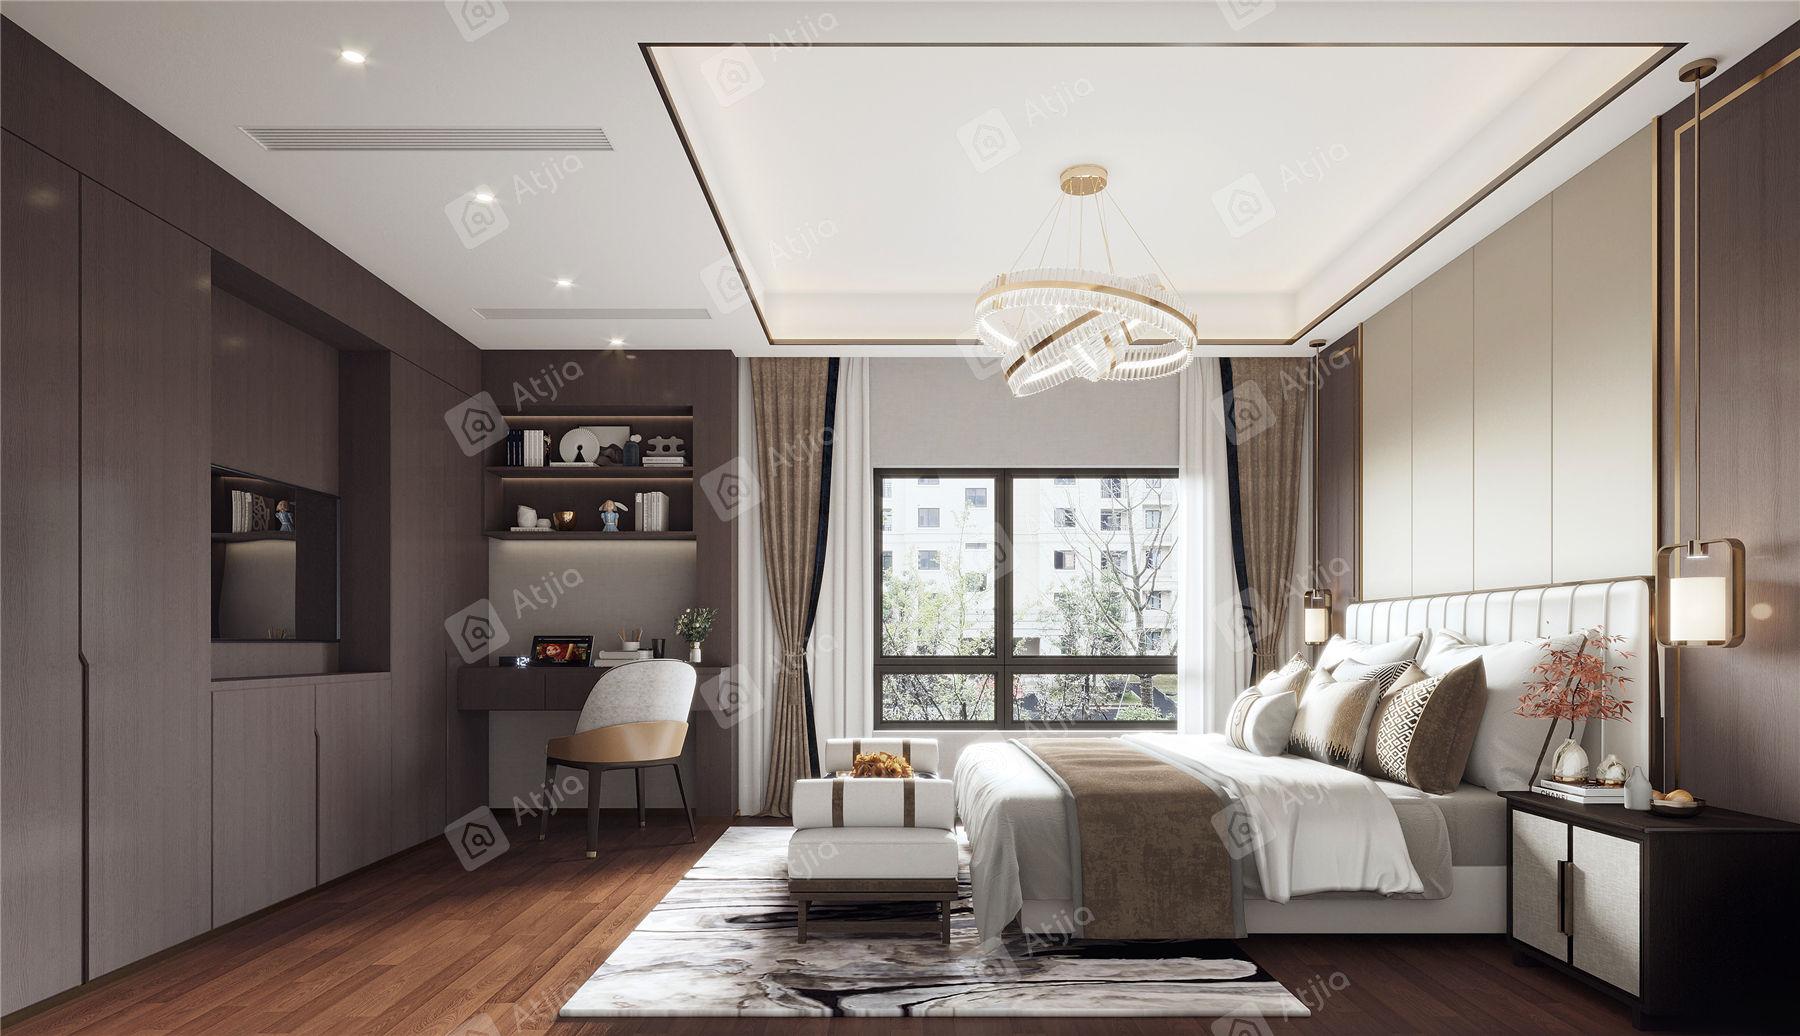 万濠瑜园 现代简约装修卧室效果图